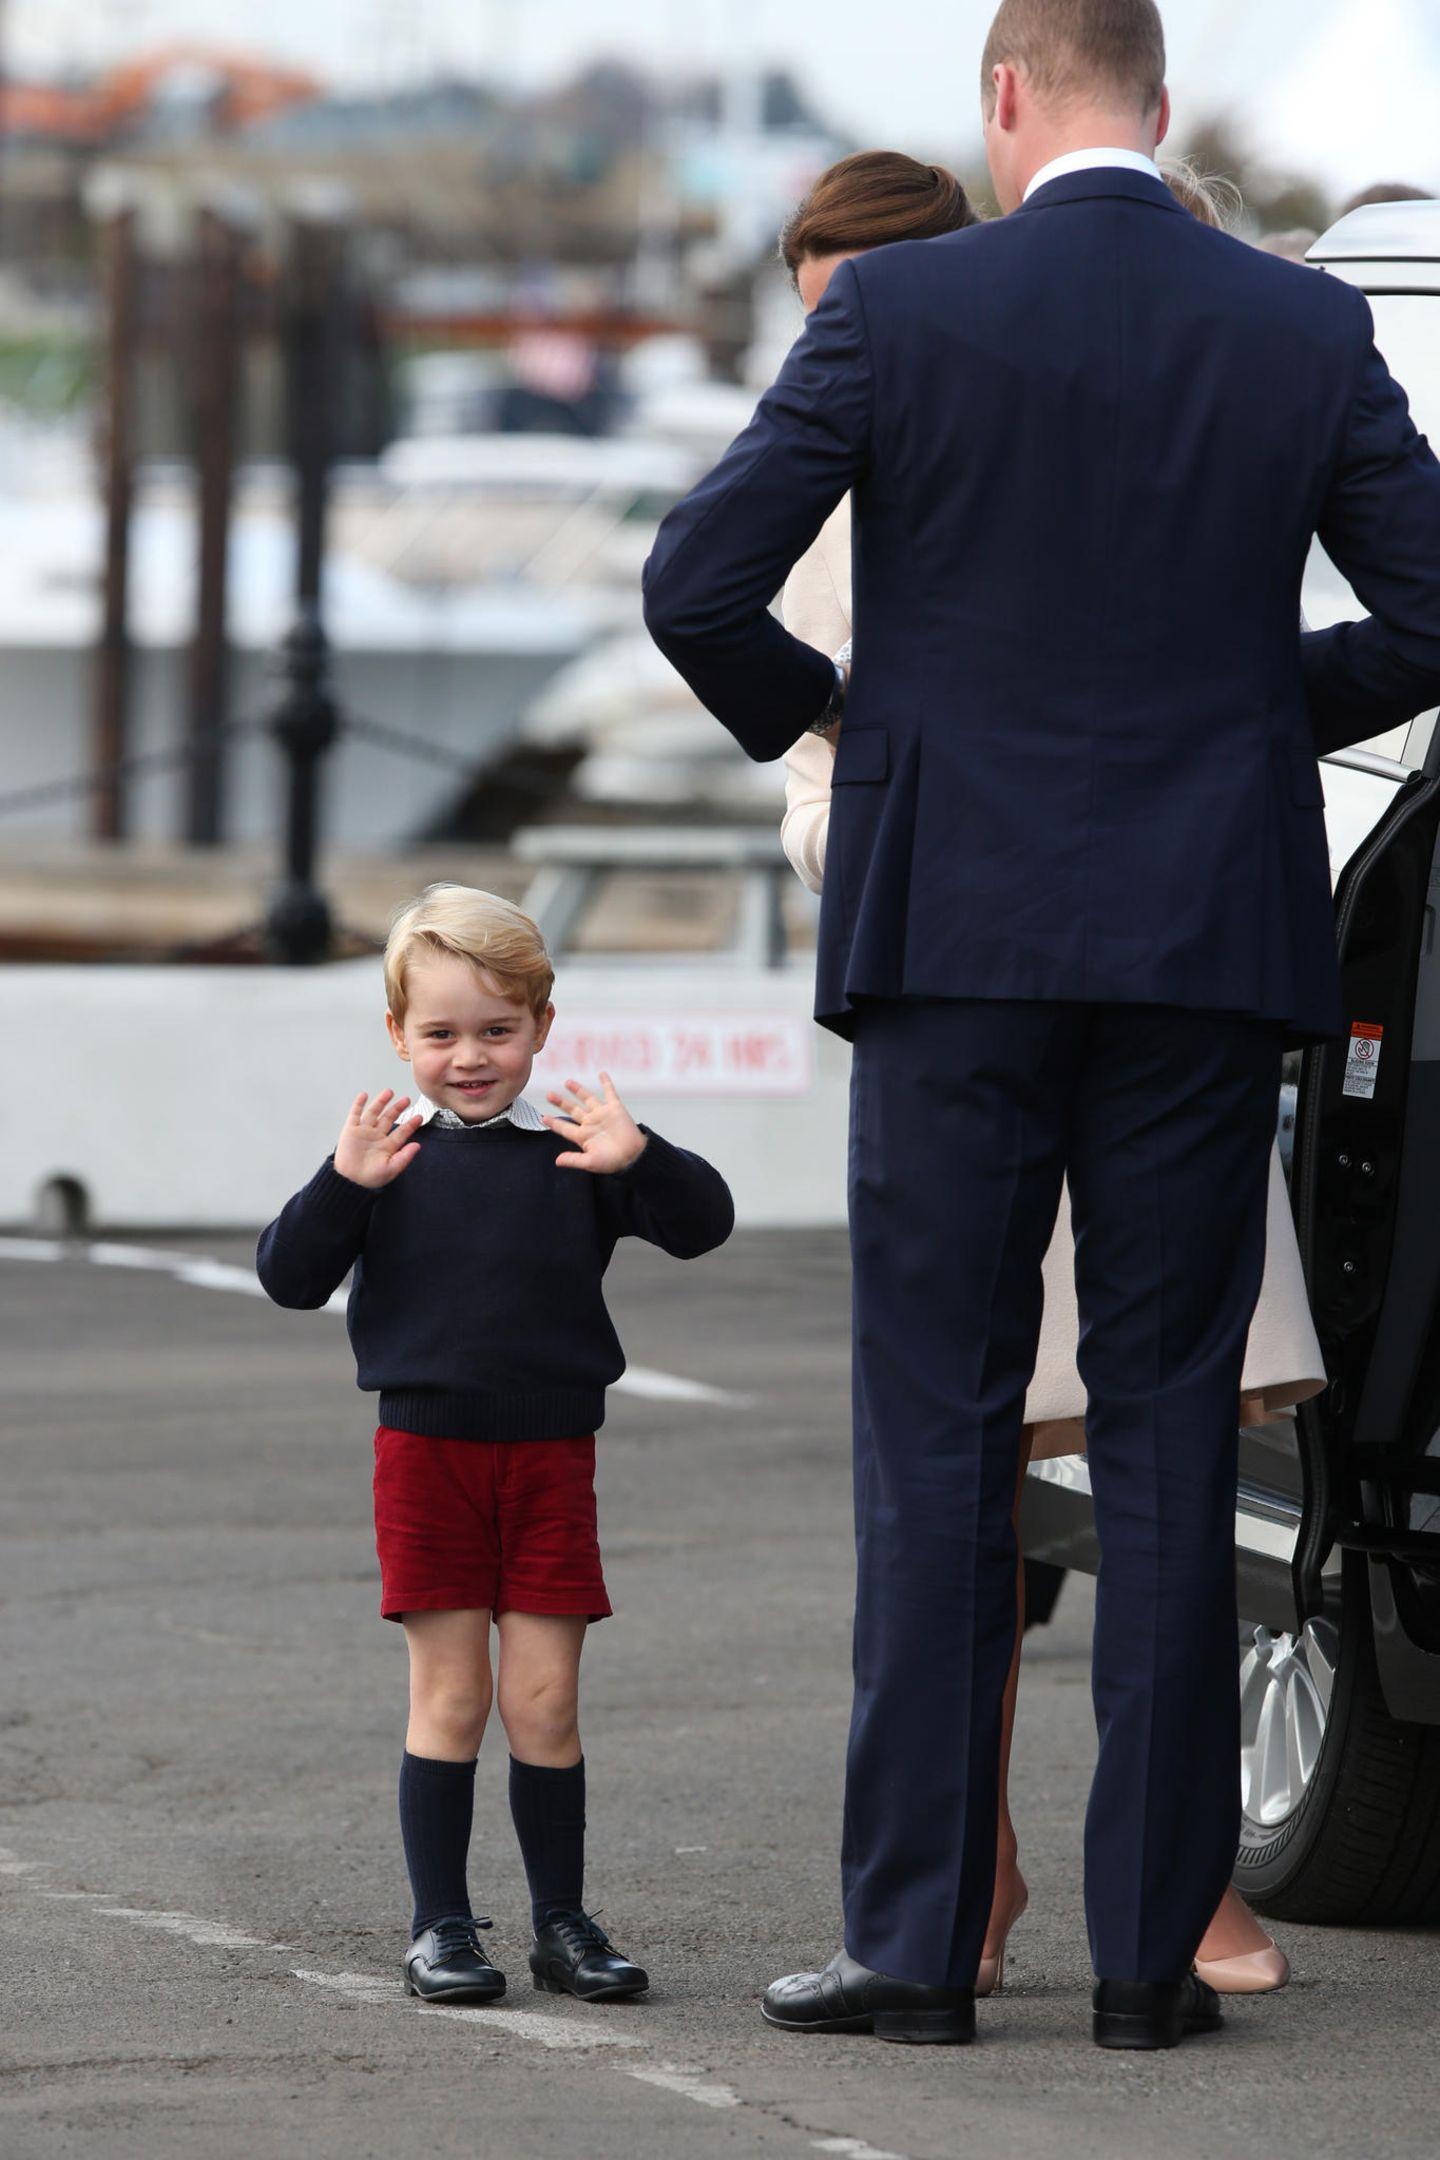 Wieder einmal stiehlt Prinz George bei seinem Besuch in Kanada 2016 allen die Show. Mit dunkelblauen Kniestrümpfen, klassischen Lederschuhen, einem Wollshirt und -Sweater. Die Farben Blau und Rot sind traditionelle Farben, in denen George immer wieder gekleidet ist.